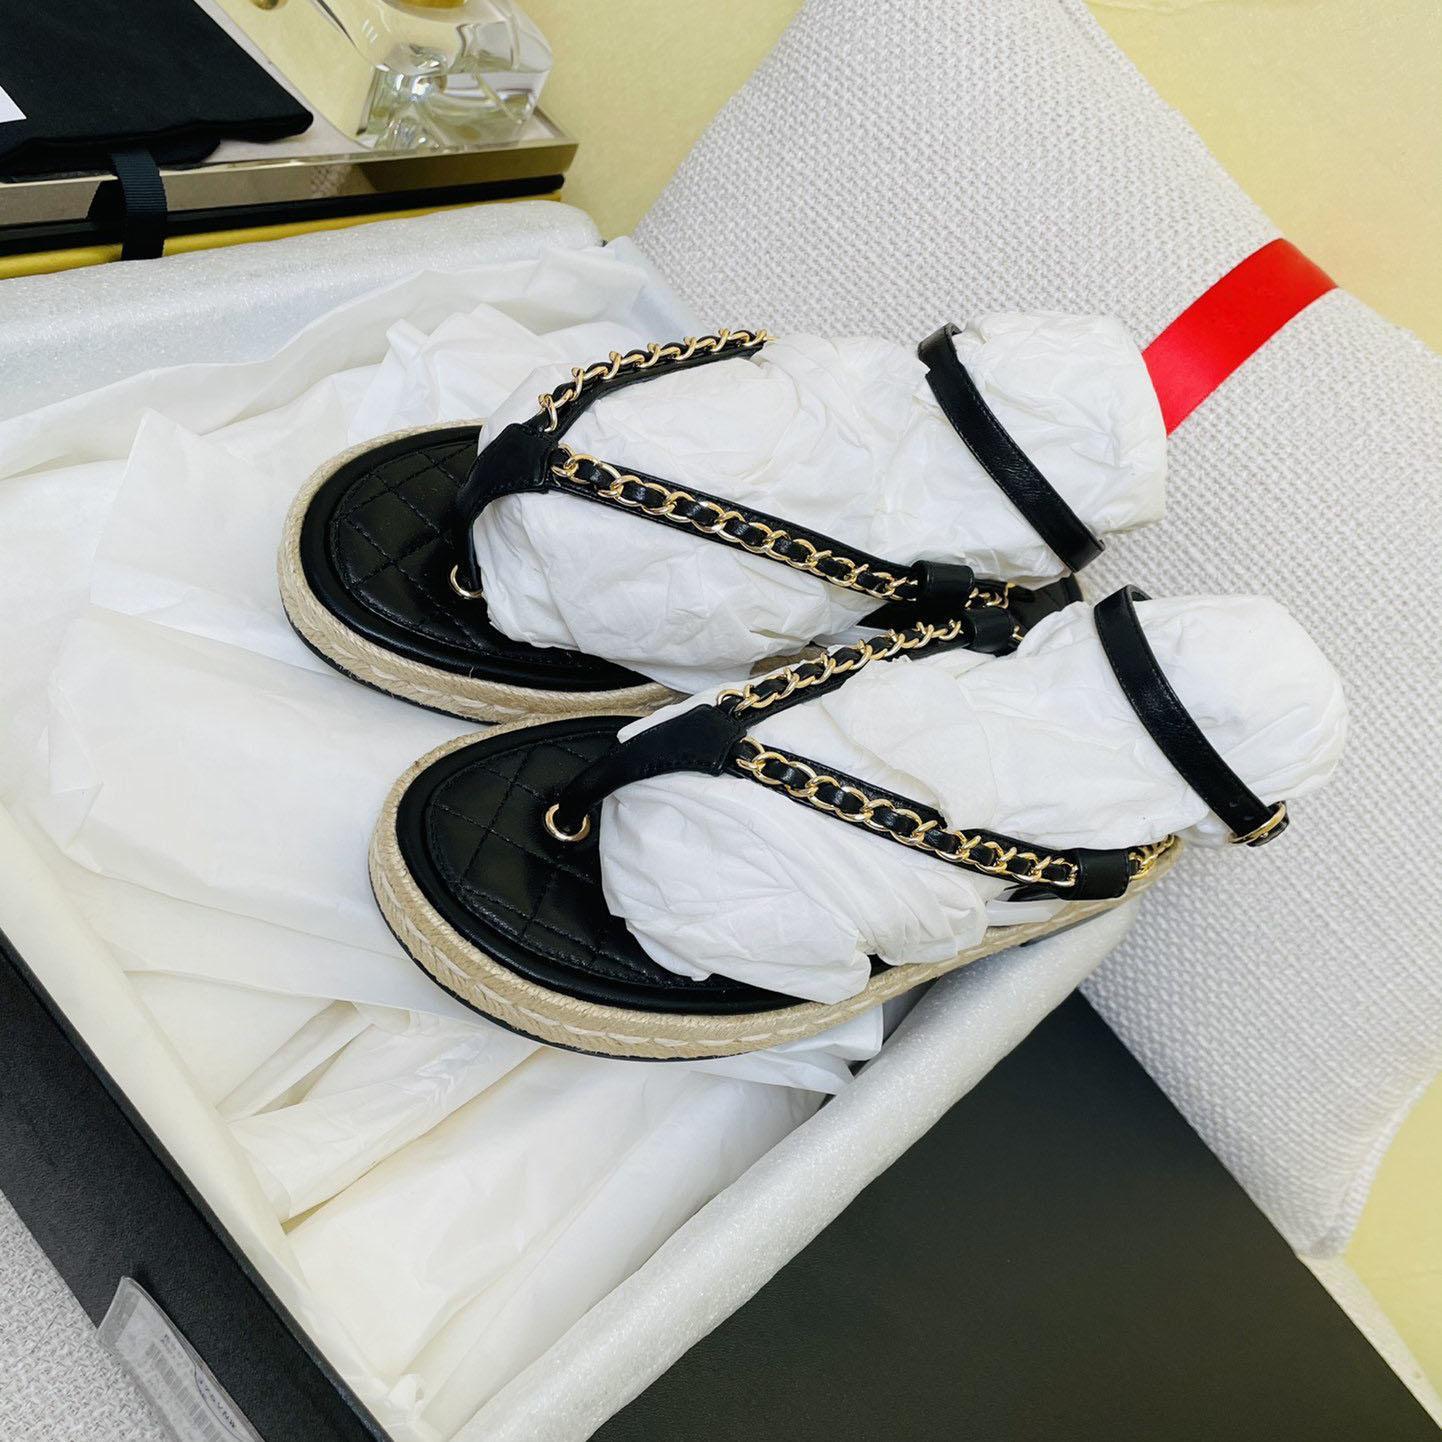 2021 Yeni Kadın Sandalet Fisherman Ayakkabı Zincir Dekor Kadın Ayakkabı Hakiki Deri Flip-flop Sandalet Kadınlar Için Ayak Bileği Kayışı Sandalet 210302